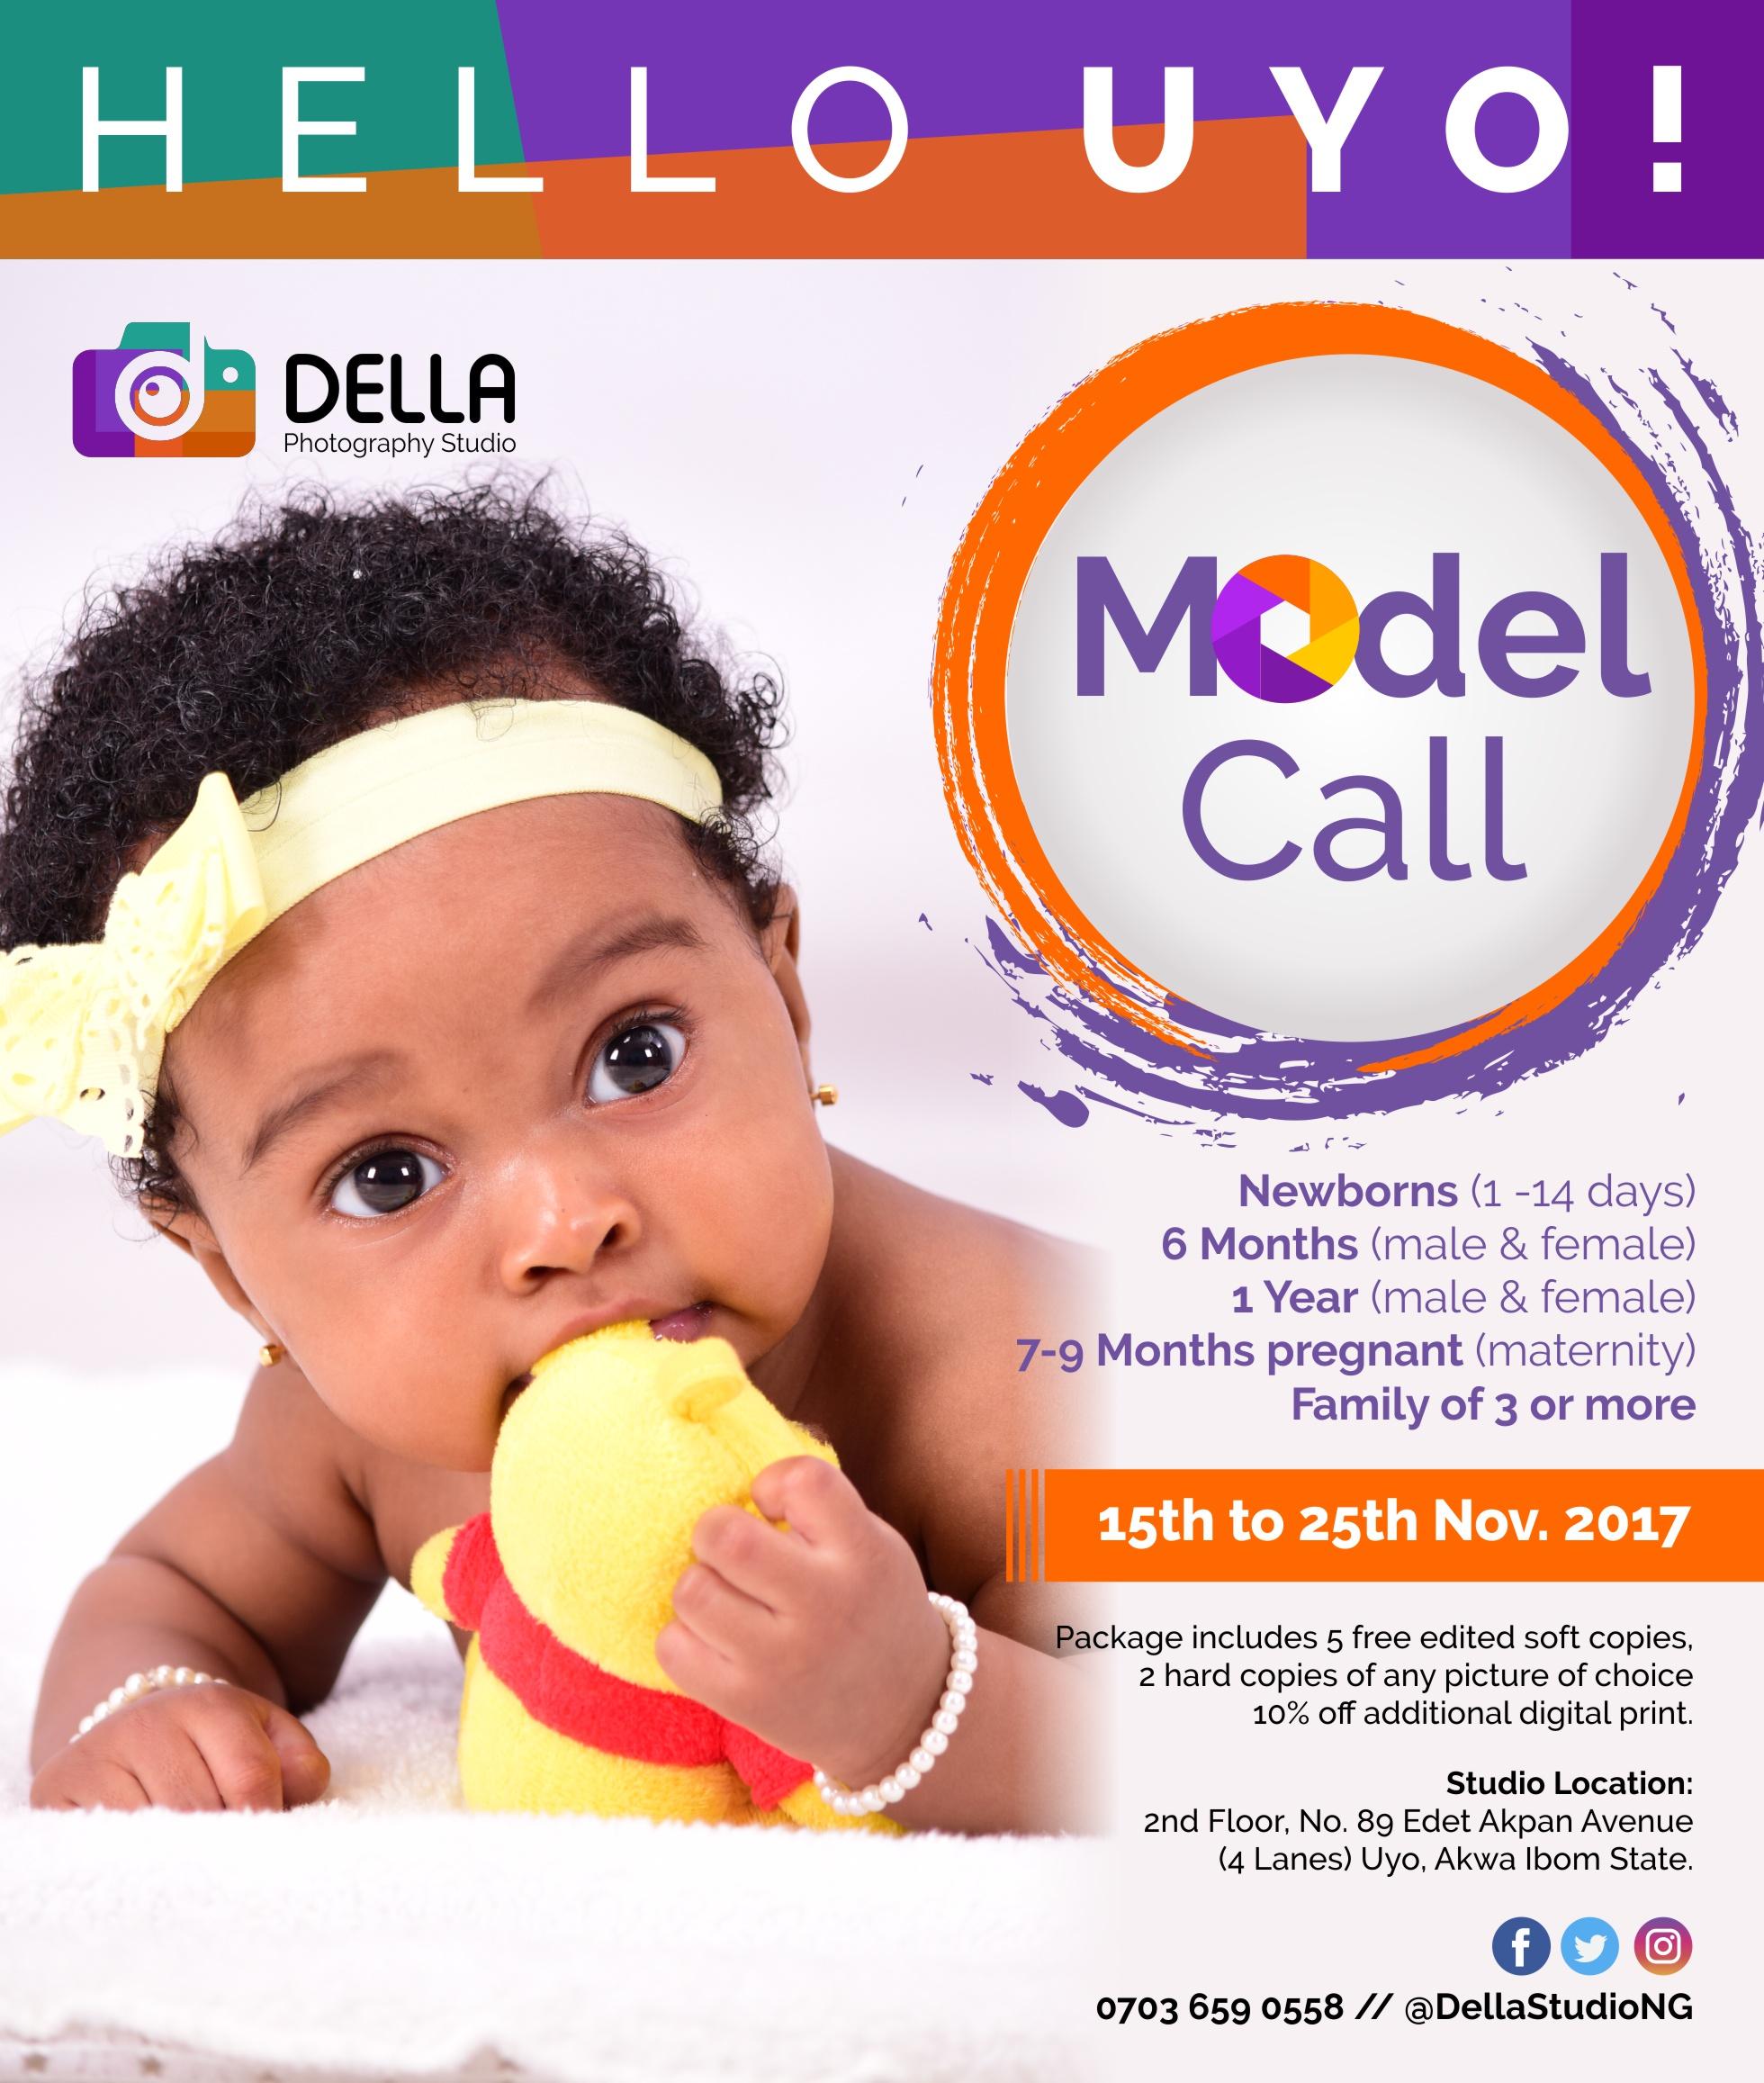 Della Model Call 2